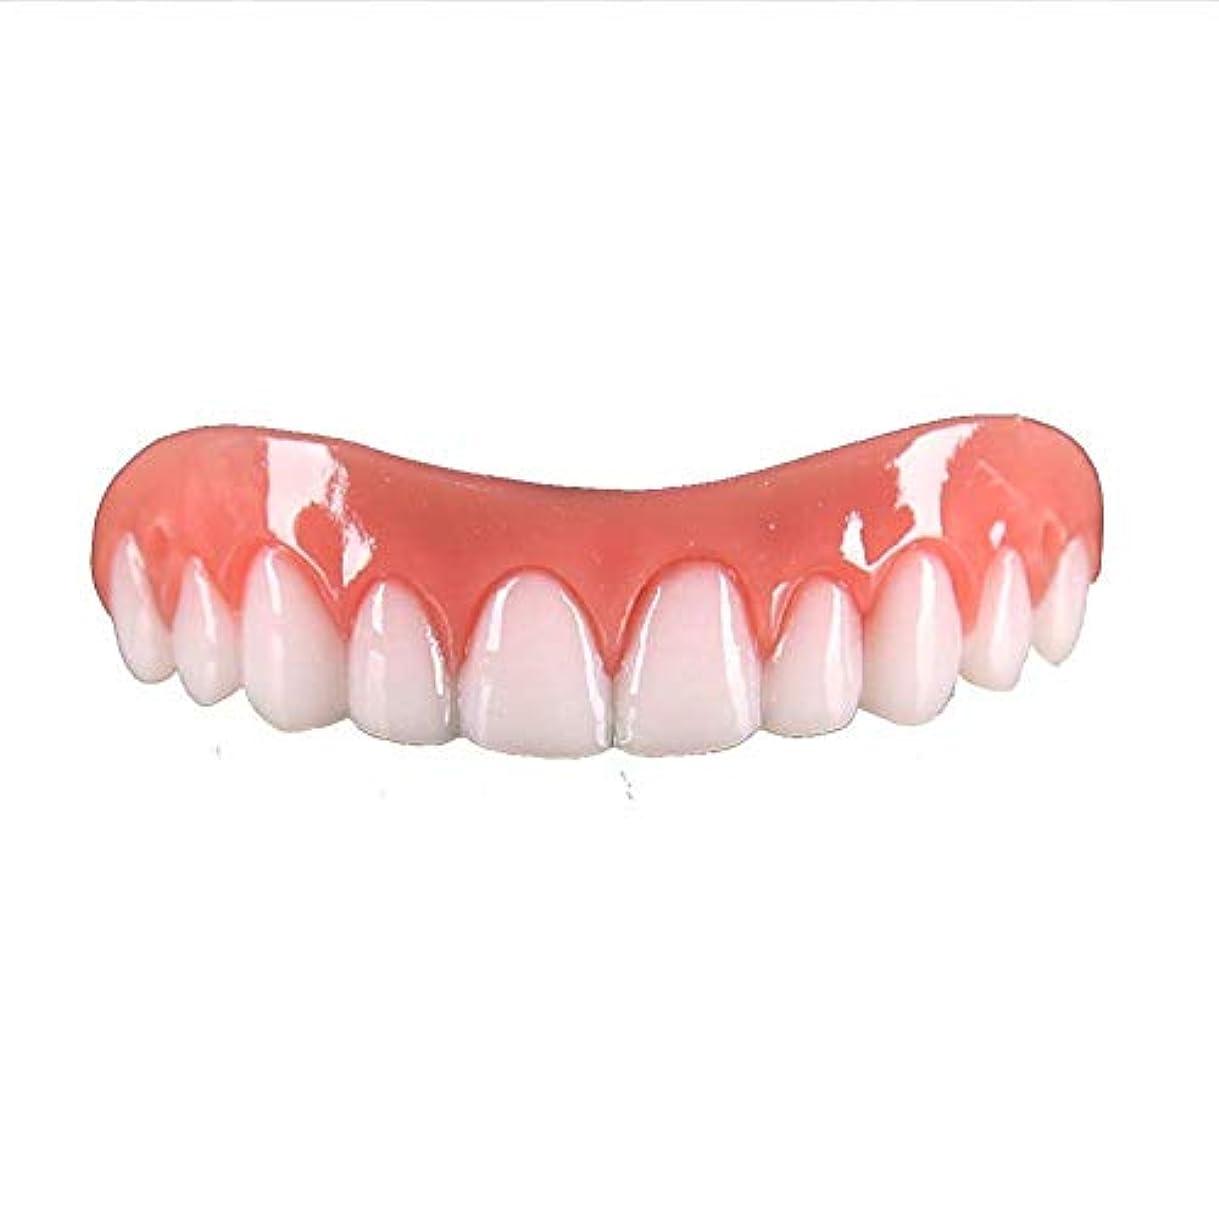 意味じゃがいも安価な上段ホワイトシリカゲルシミュレーション義歯プラスチックパーフェクトフィットスナップオンスマイル義歯歯セット